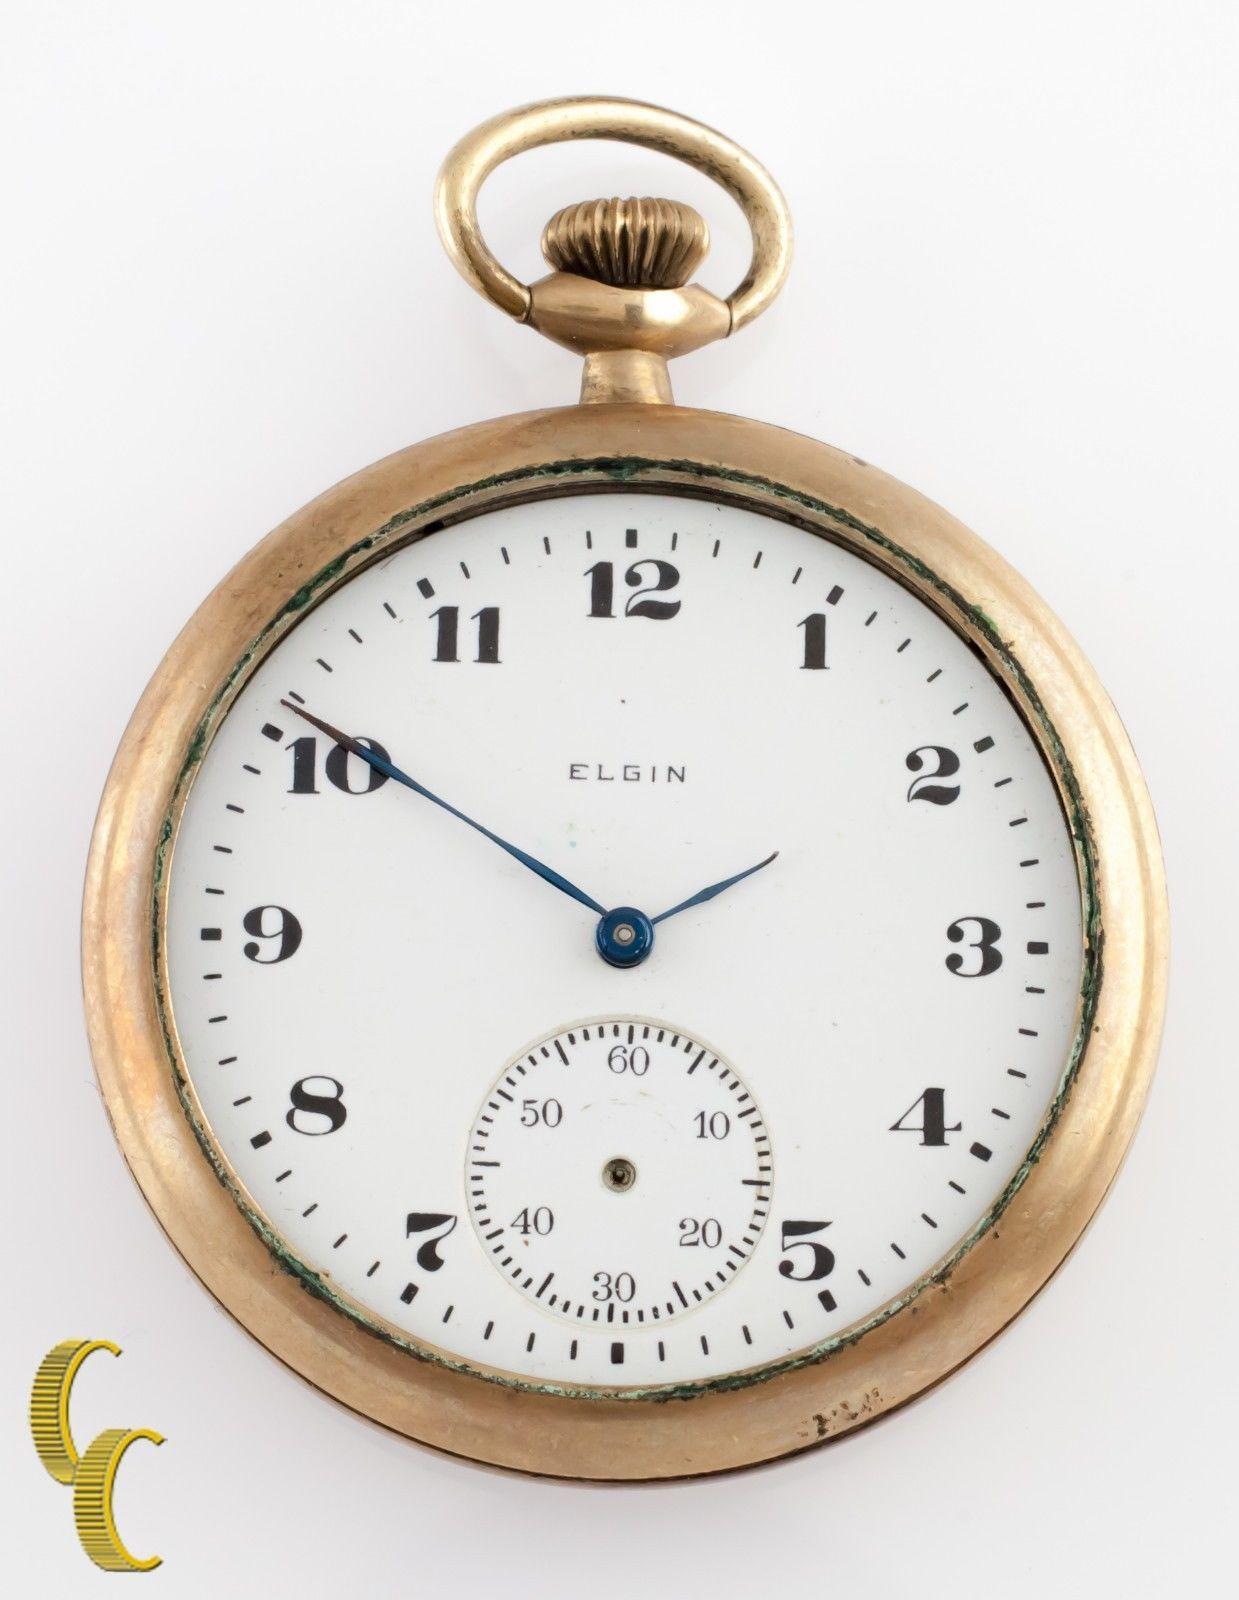 how to open elgin pocket watch